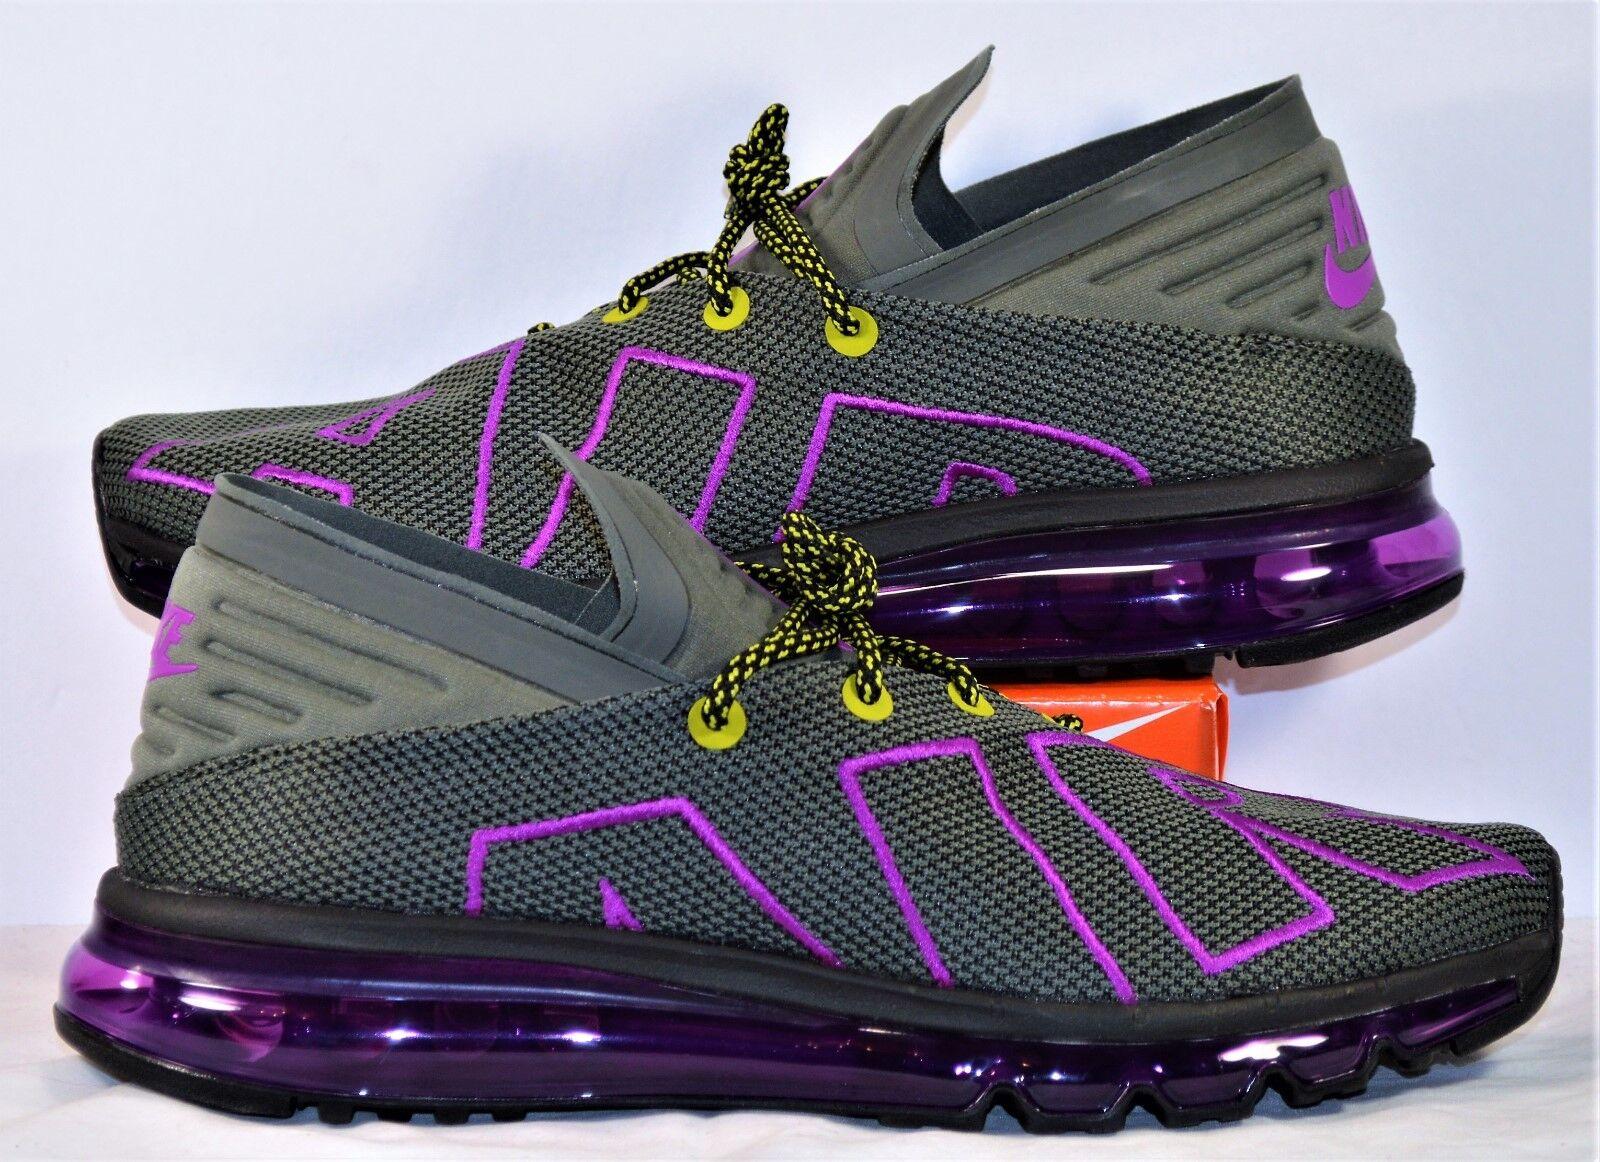 Nike air max stile ritmato Gris viola volt di scarpe scarpe di da